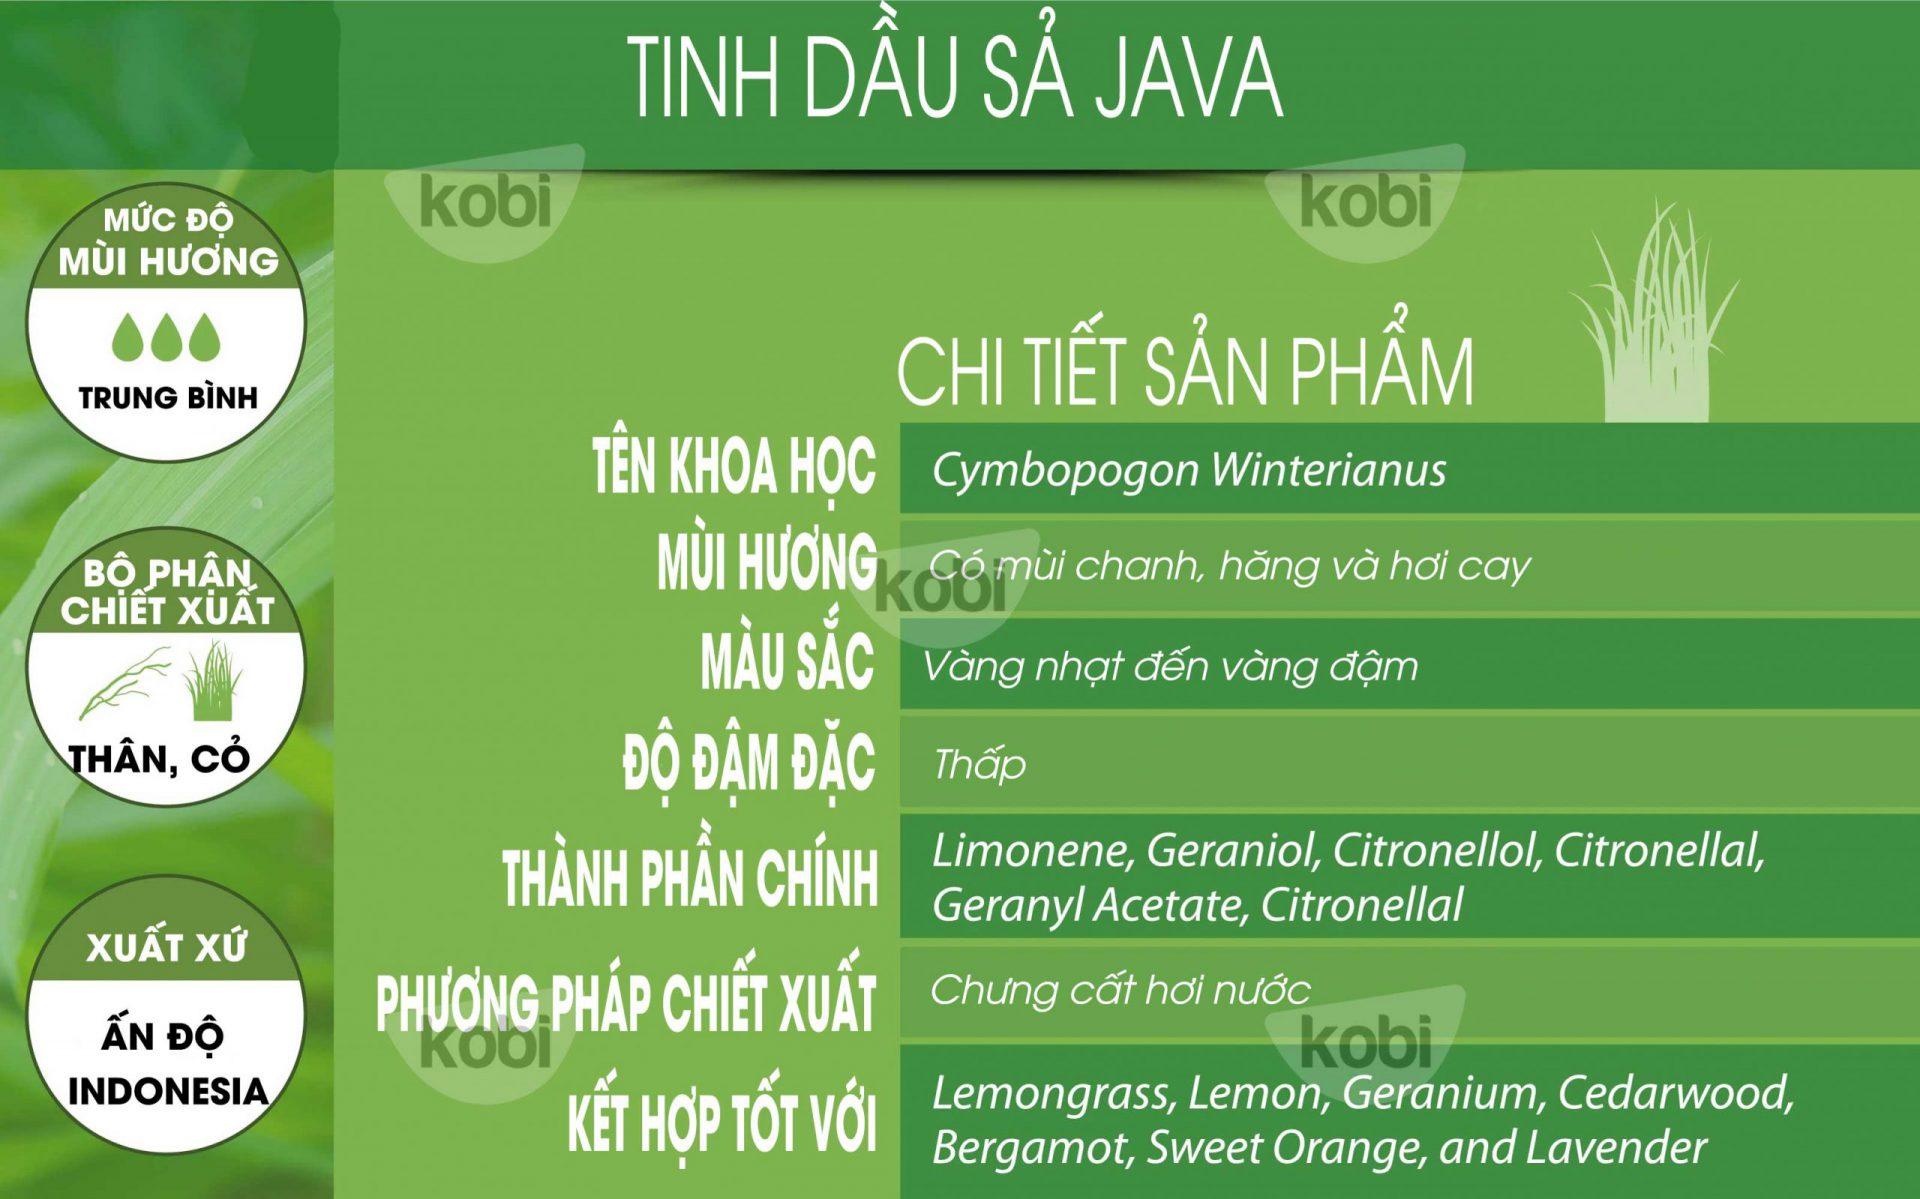 Tinh dầu sả java kobi (Citronella java essential oil)